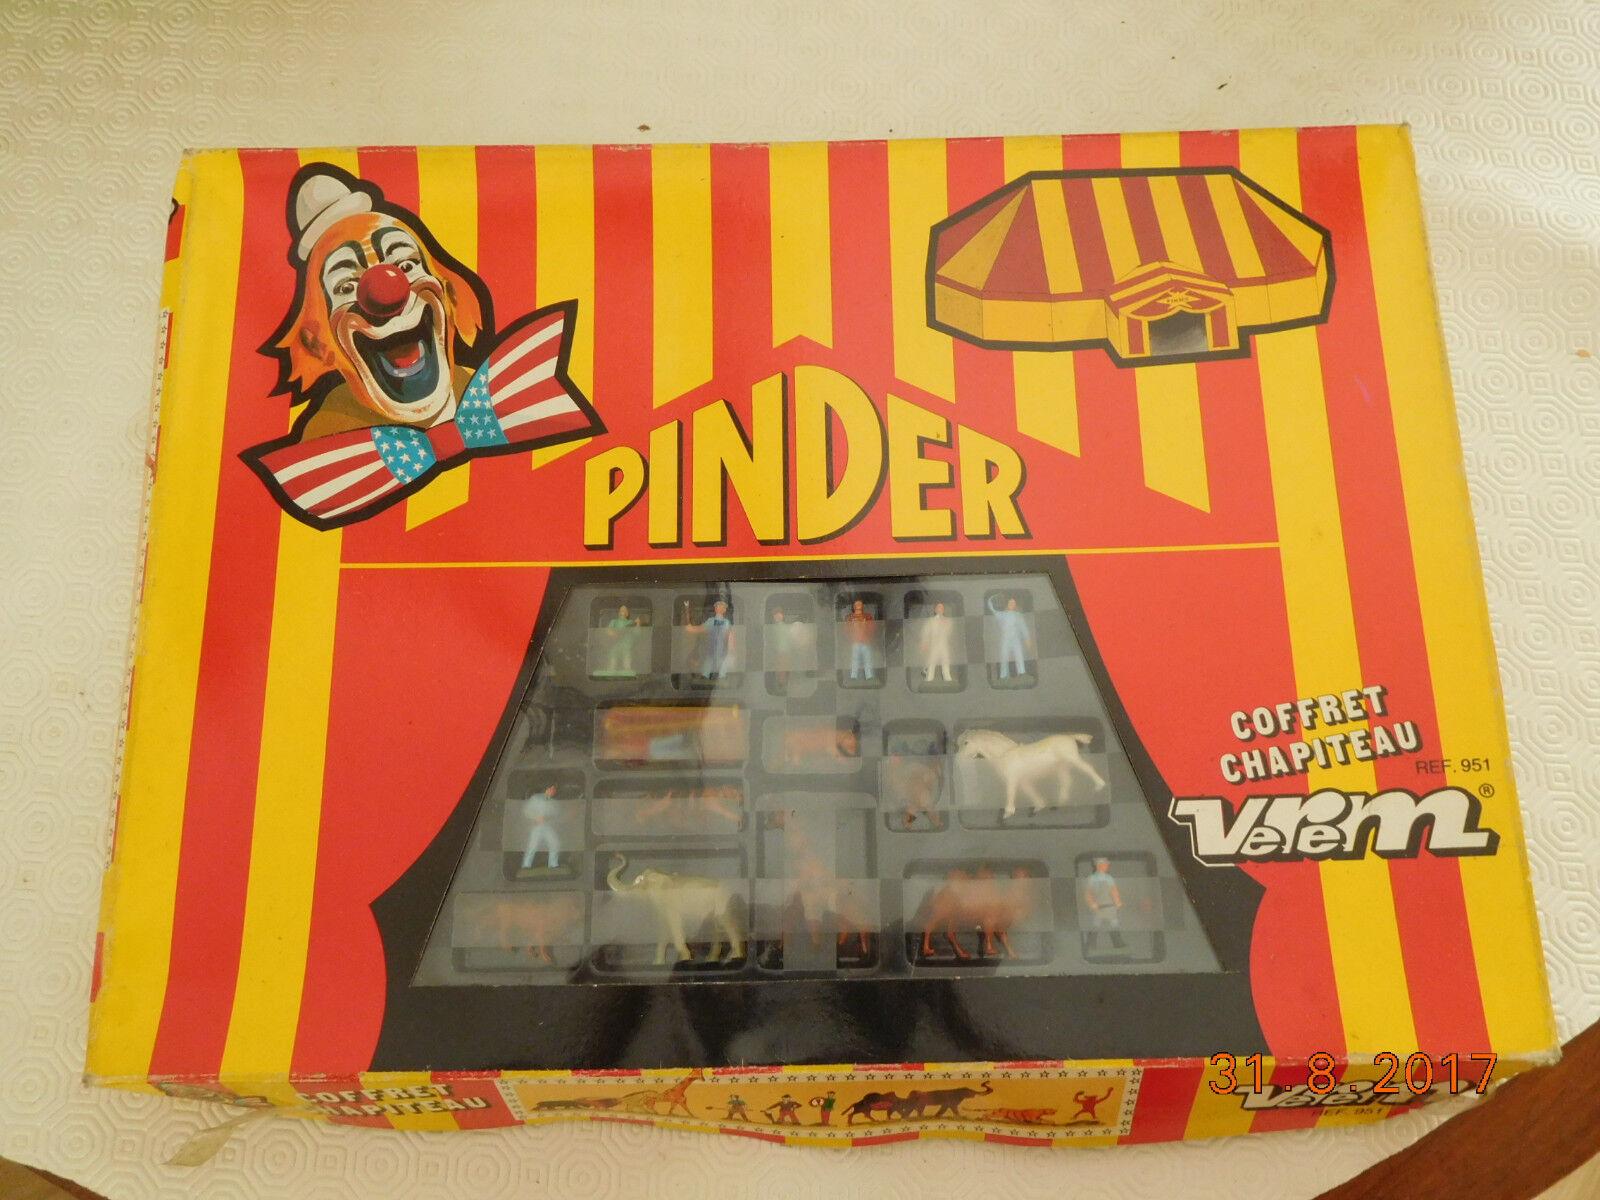 VEREM  cirque Pinder,coffret chapiteau rèf 951